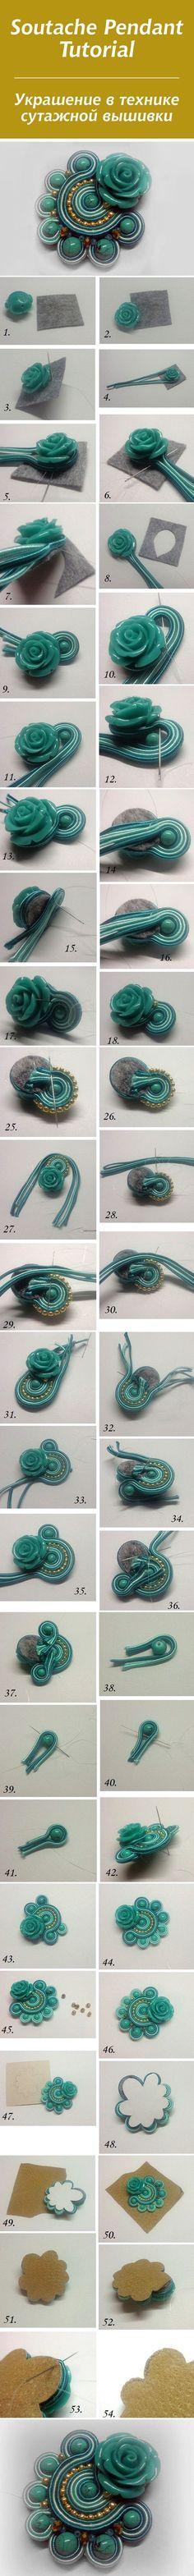 Делаем украшение в технике сутажной вышивкой: